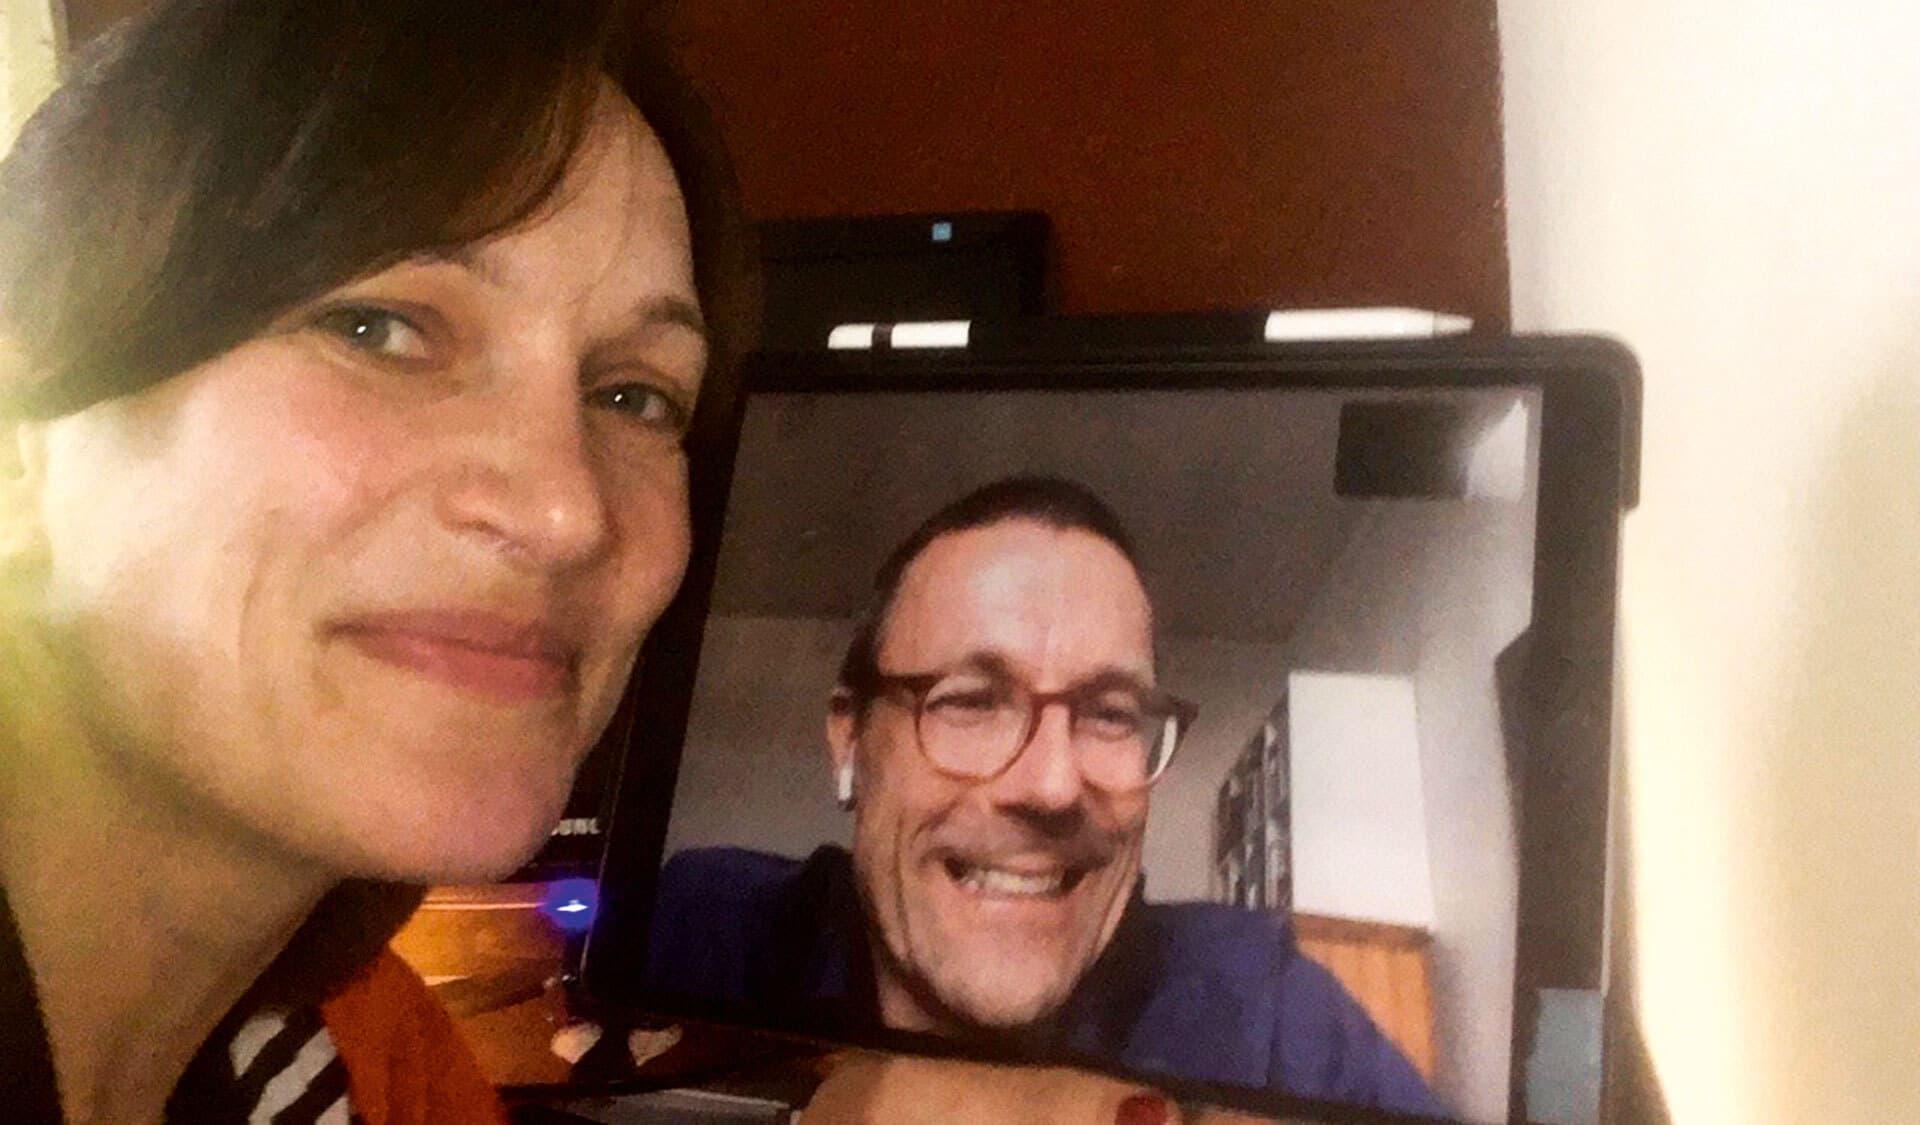 Gespräch per Video: Autorin Uta Gensichen neben ihrem Laptop. Auf dem Bildschirm ist Interviewpartner Prof. Dr. Uwe Schneidewind